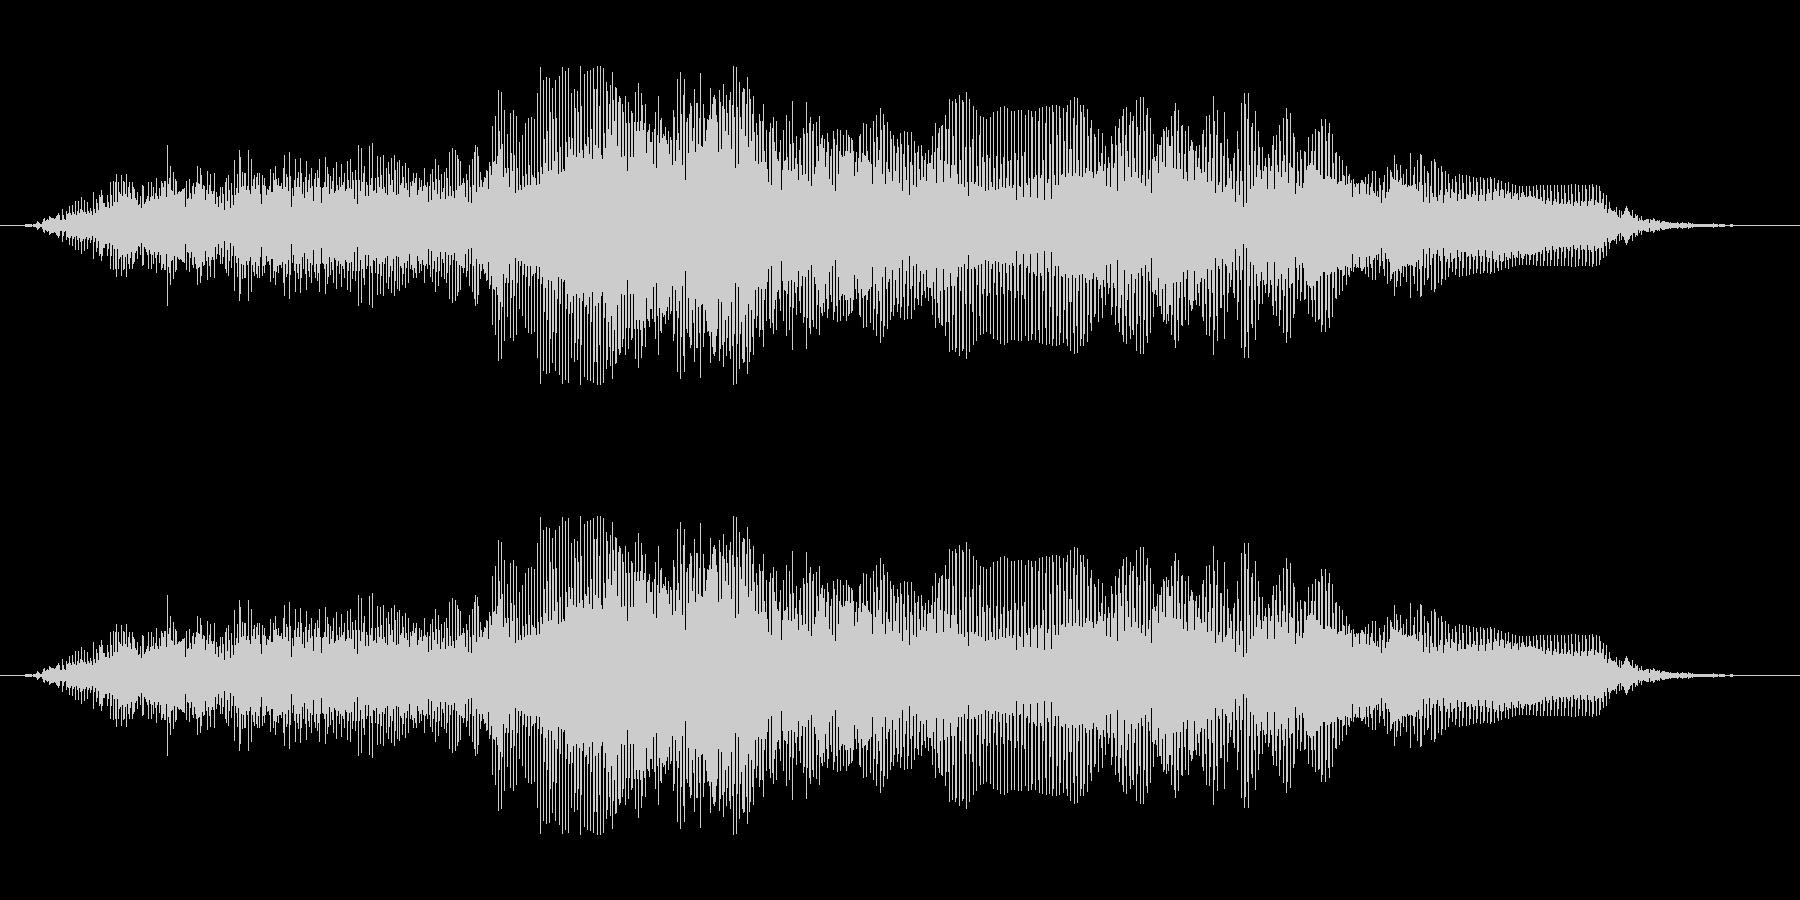 「いいよぉ!」の未再生の波形